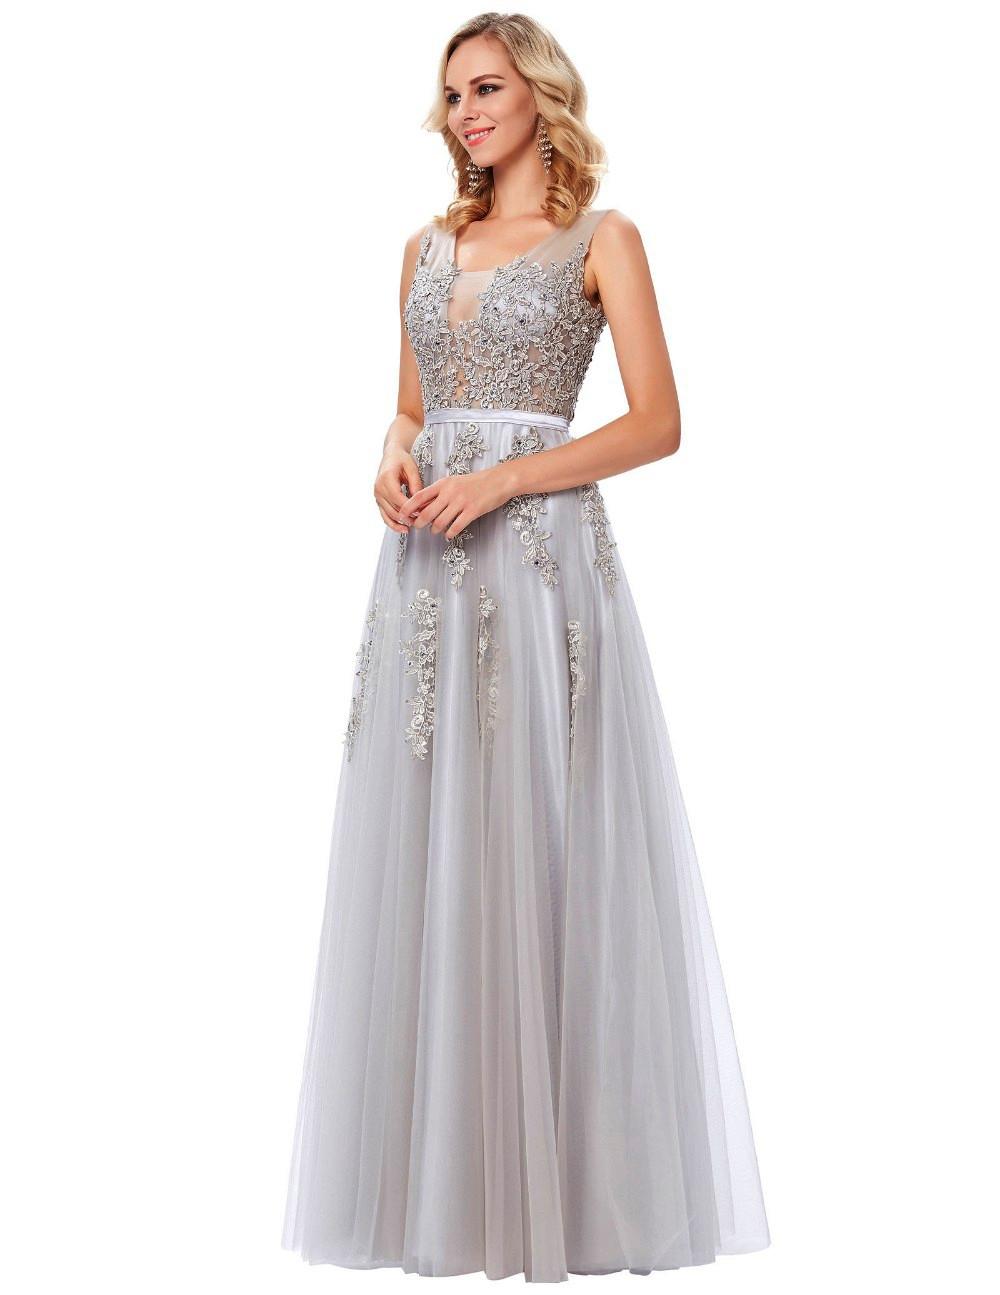 b0292a7acb Szara tiulowa suknia dla druhny